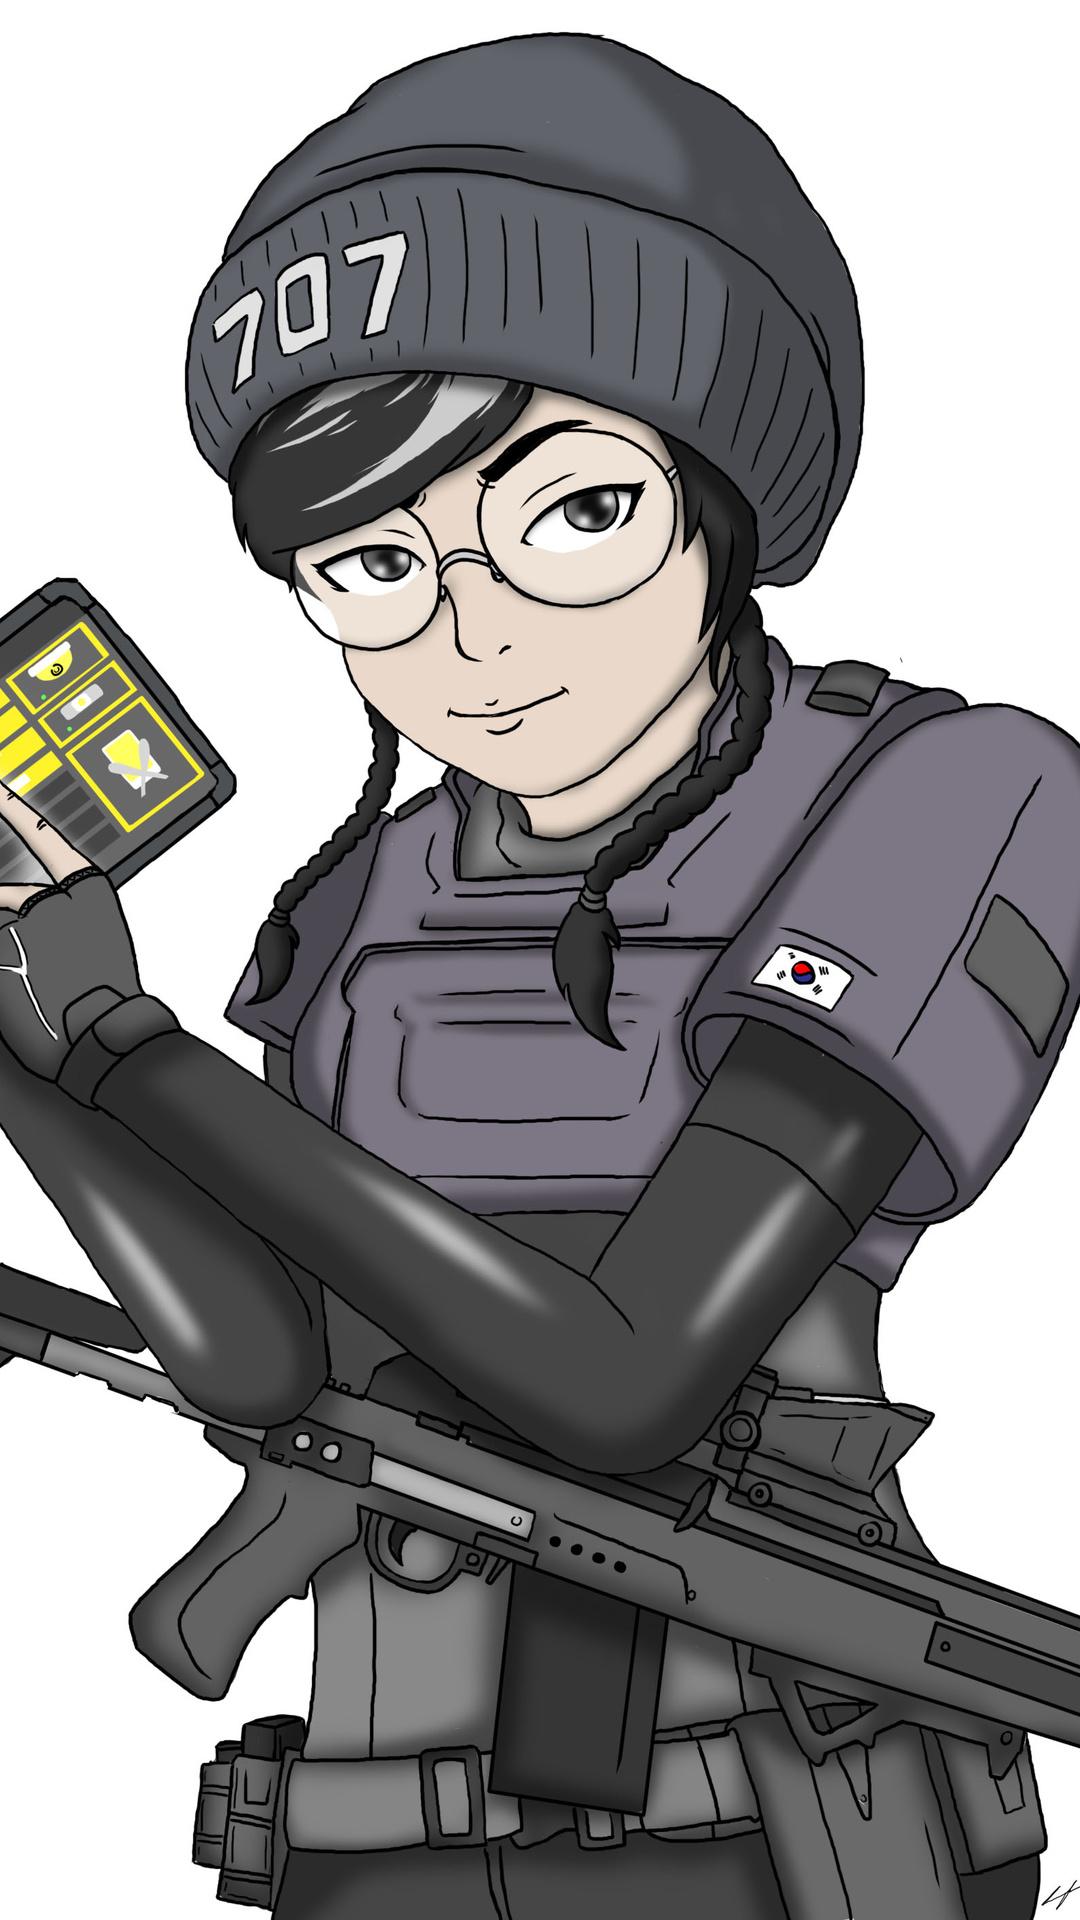 1080x1920 Tom Clancys Rainbow Six Siege Dokkaebi 4k Iphone 7 6s 6